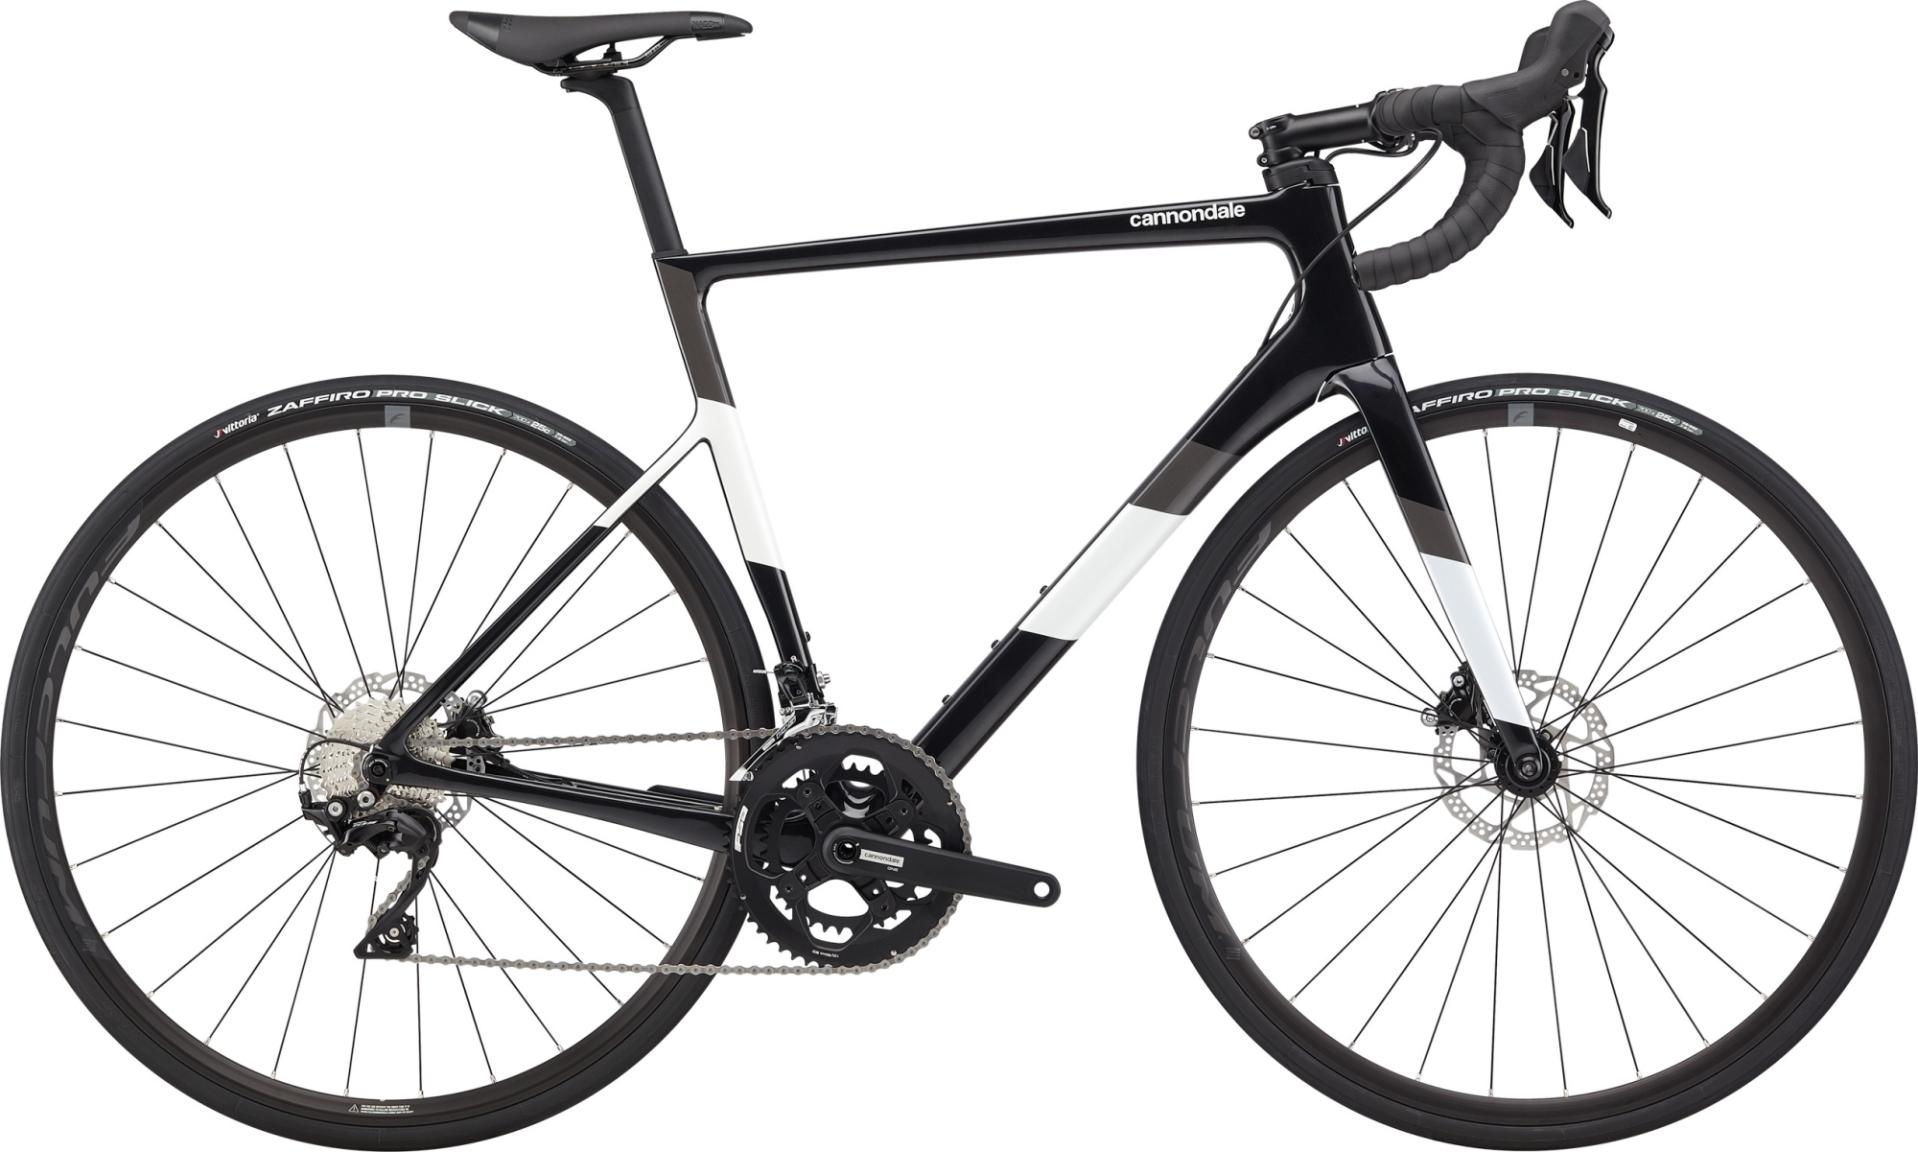 Cannondale Super Six Evo Carbon Disc 105 országúti kerékpár - fekete - 58 cm (2020)